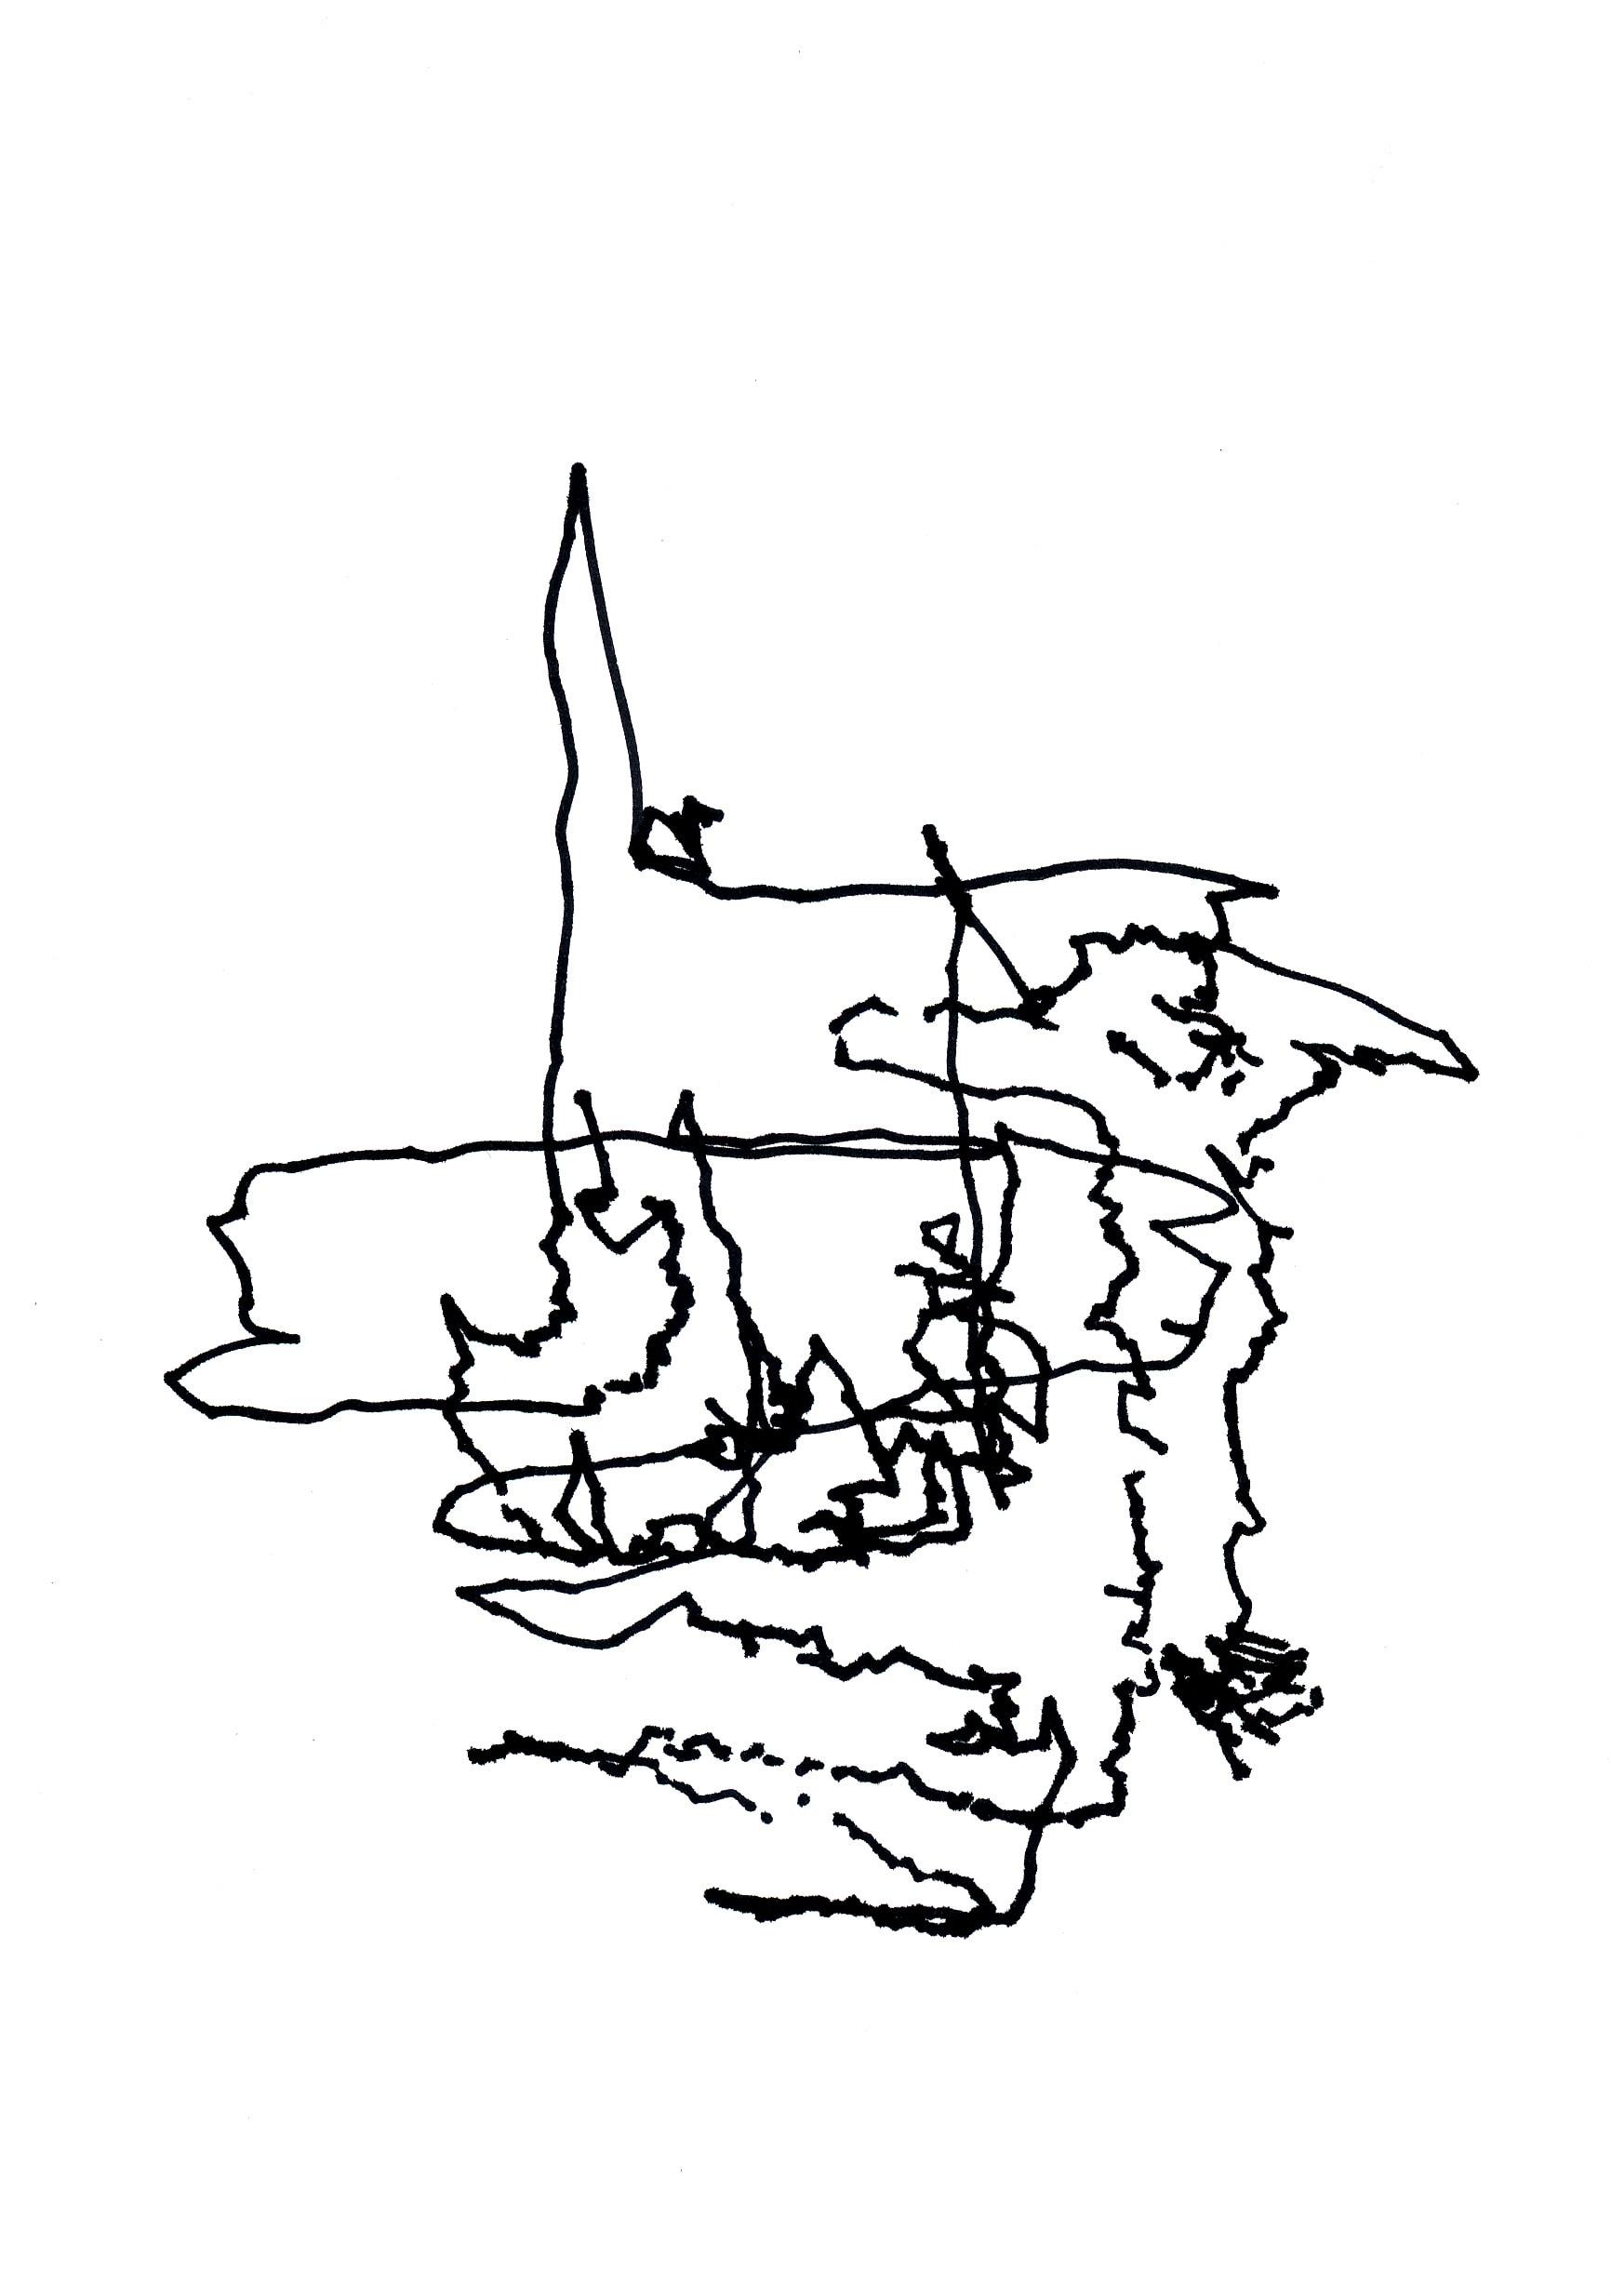 Zeichnung, Tusche auf Papier, 15cm x 21cm, seismographische Aufzeichnungen in öffentlichen Verkehr, artist: Franziska King